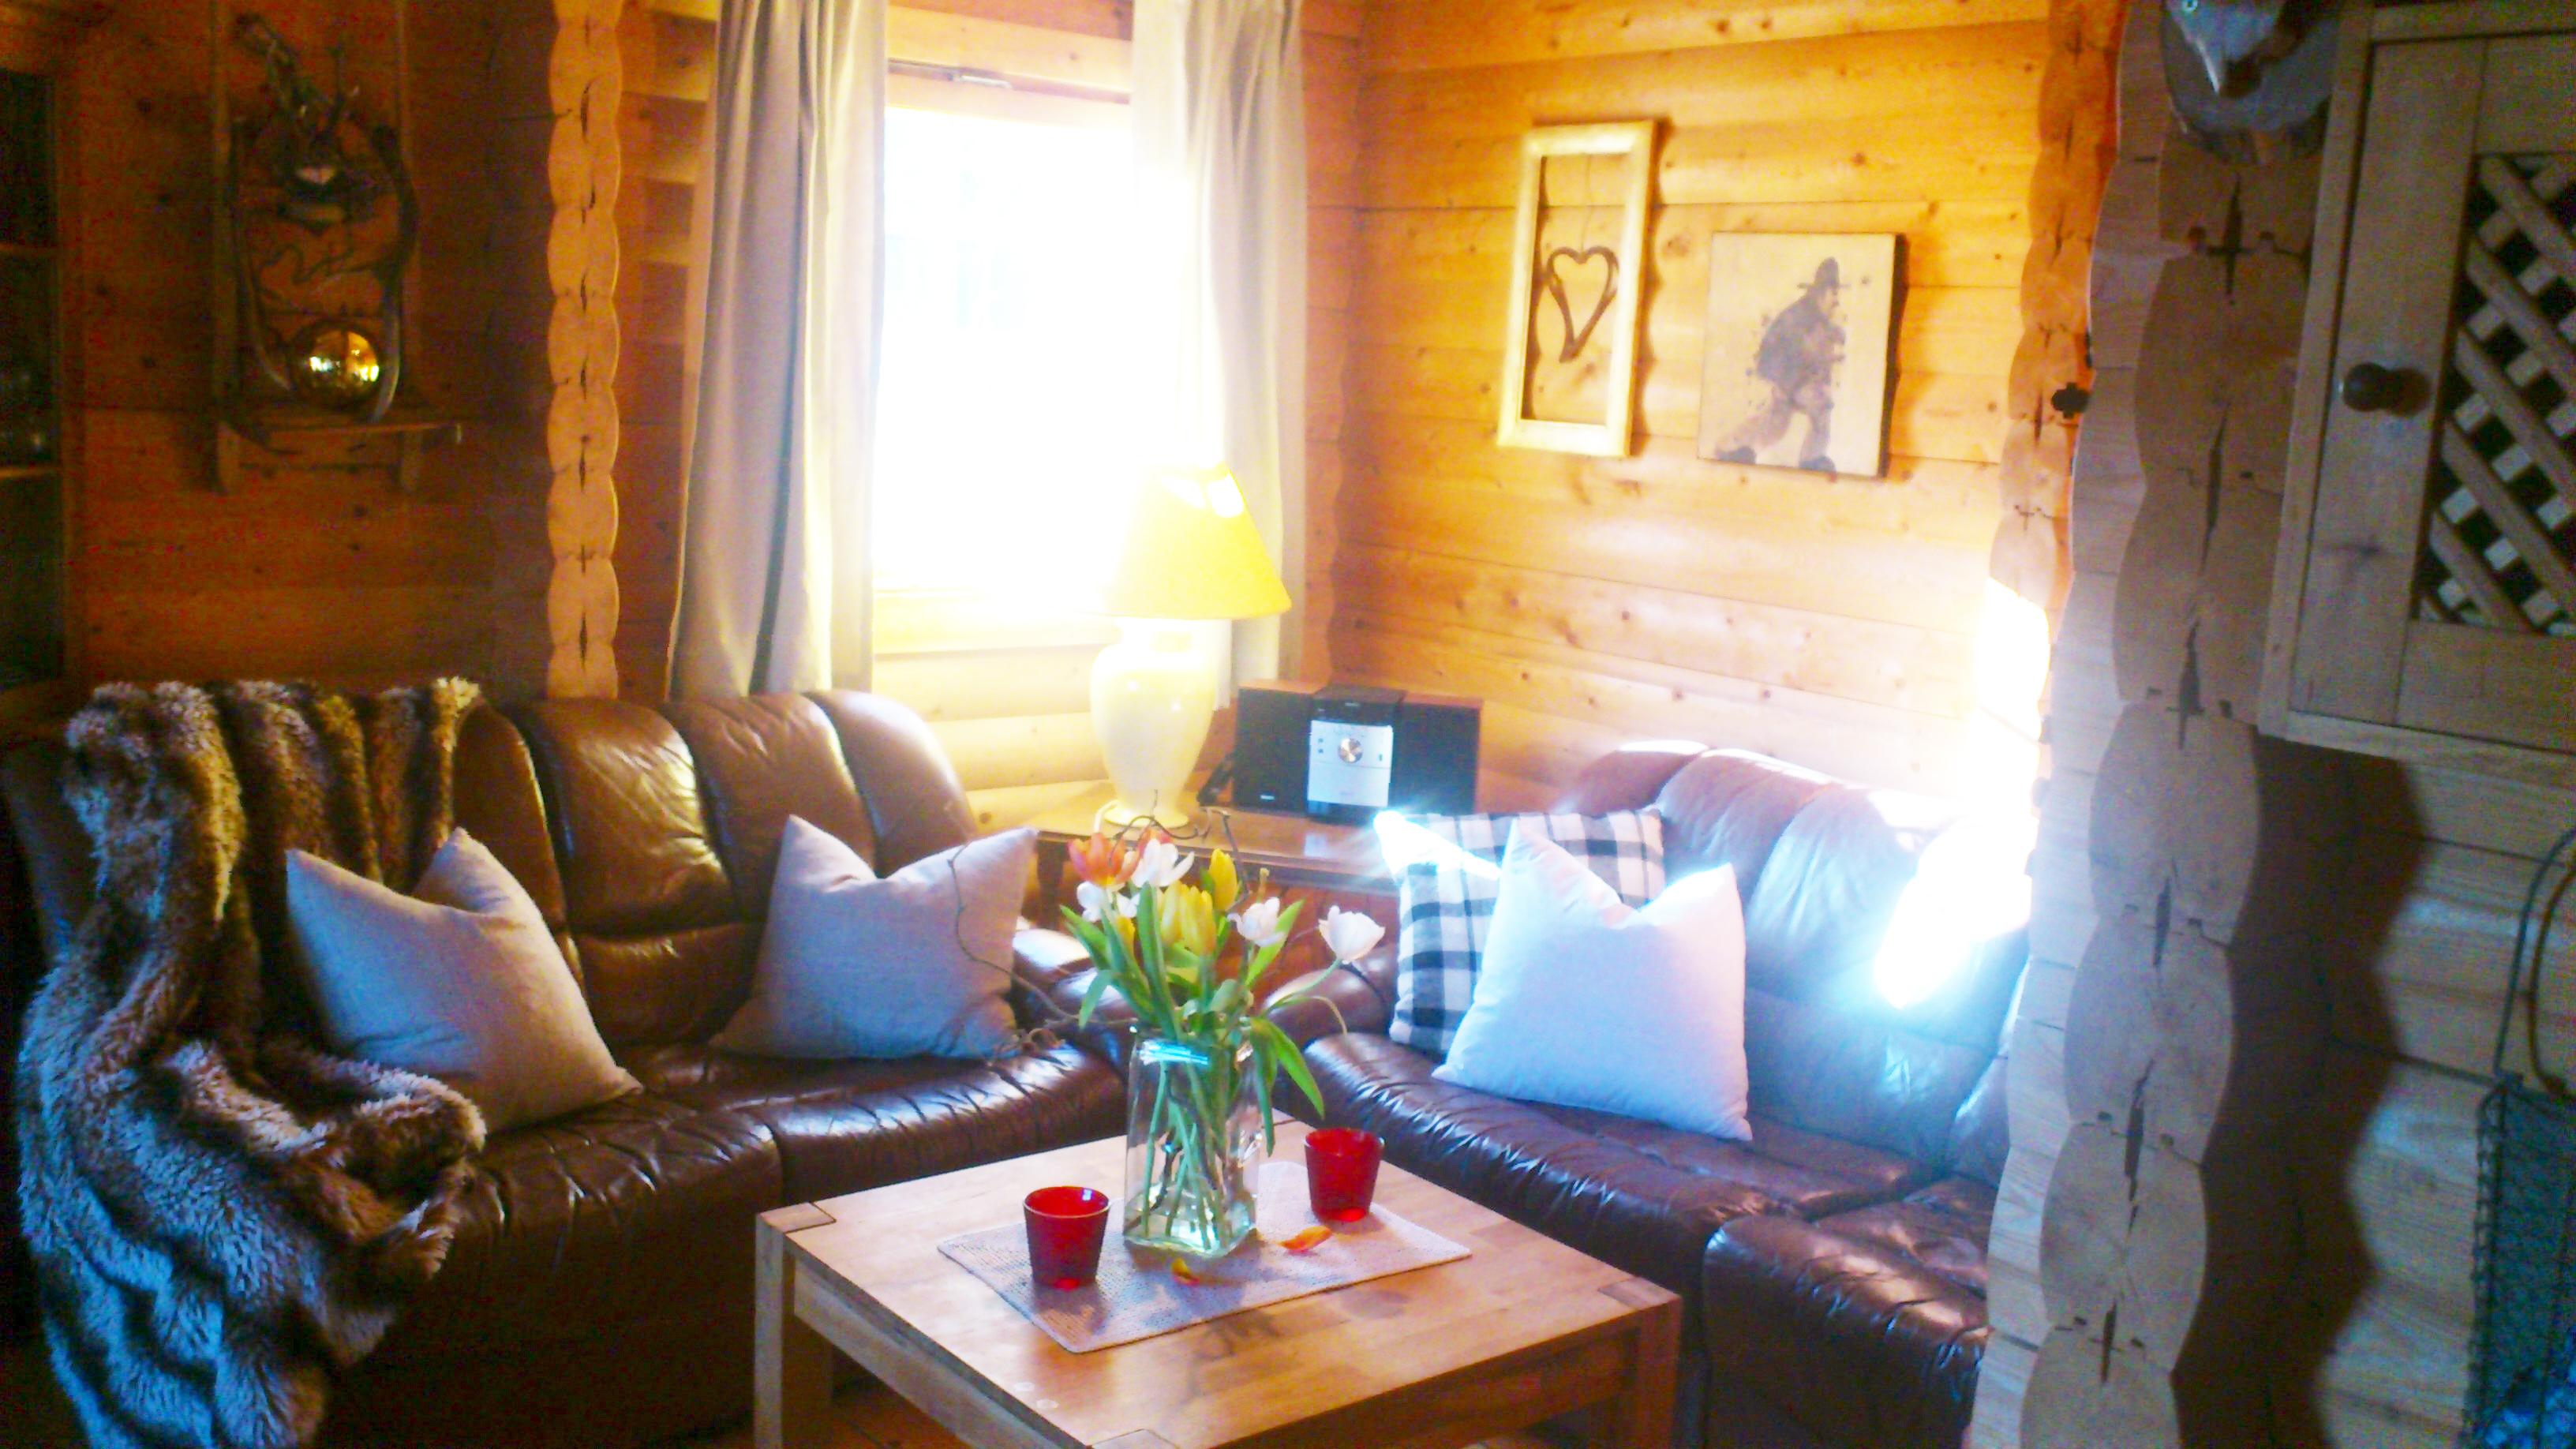 H?ttenurlaub im Ferienhaus - 8 Betten im Skigebiet Leogang - Saalbach Hinterglemm - Salzburg Land